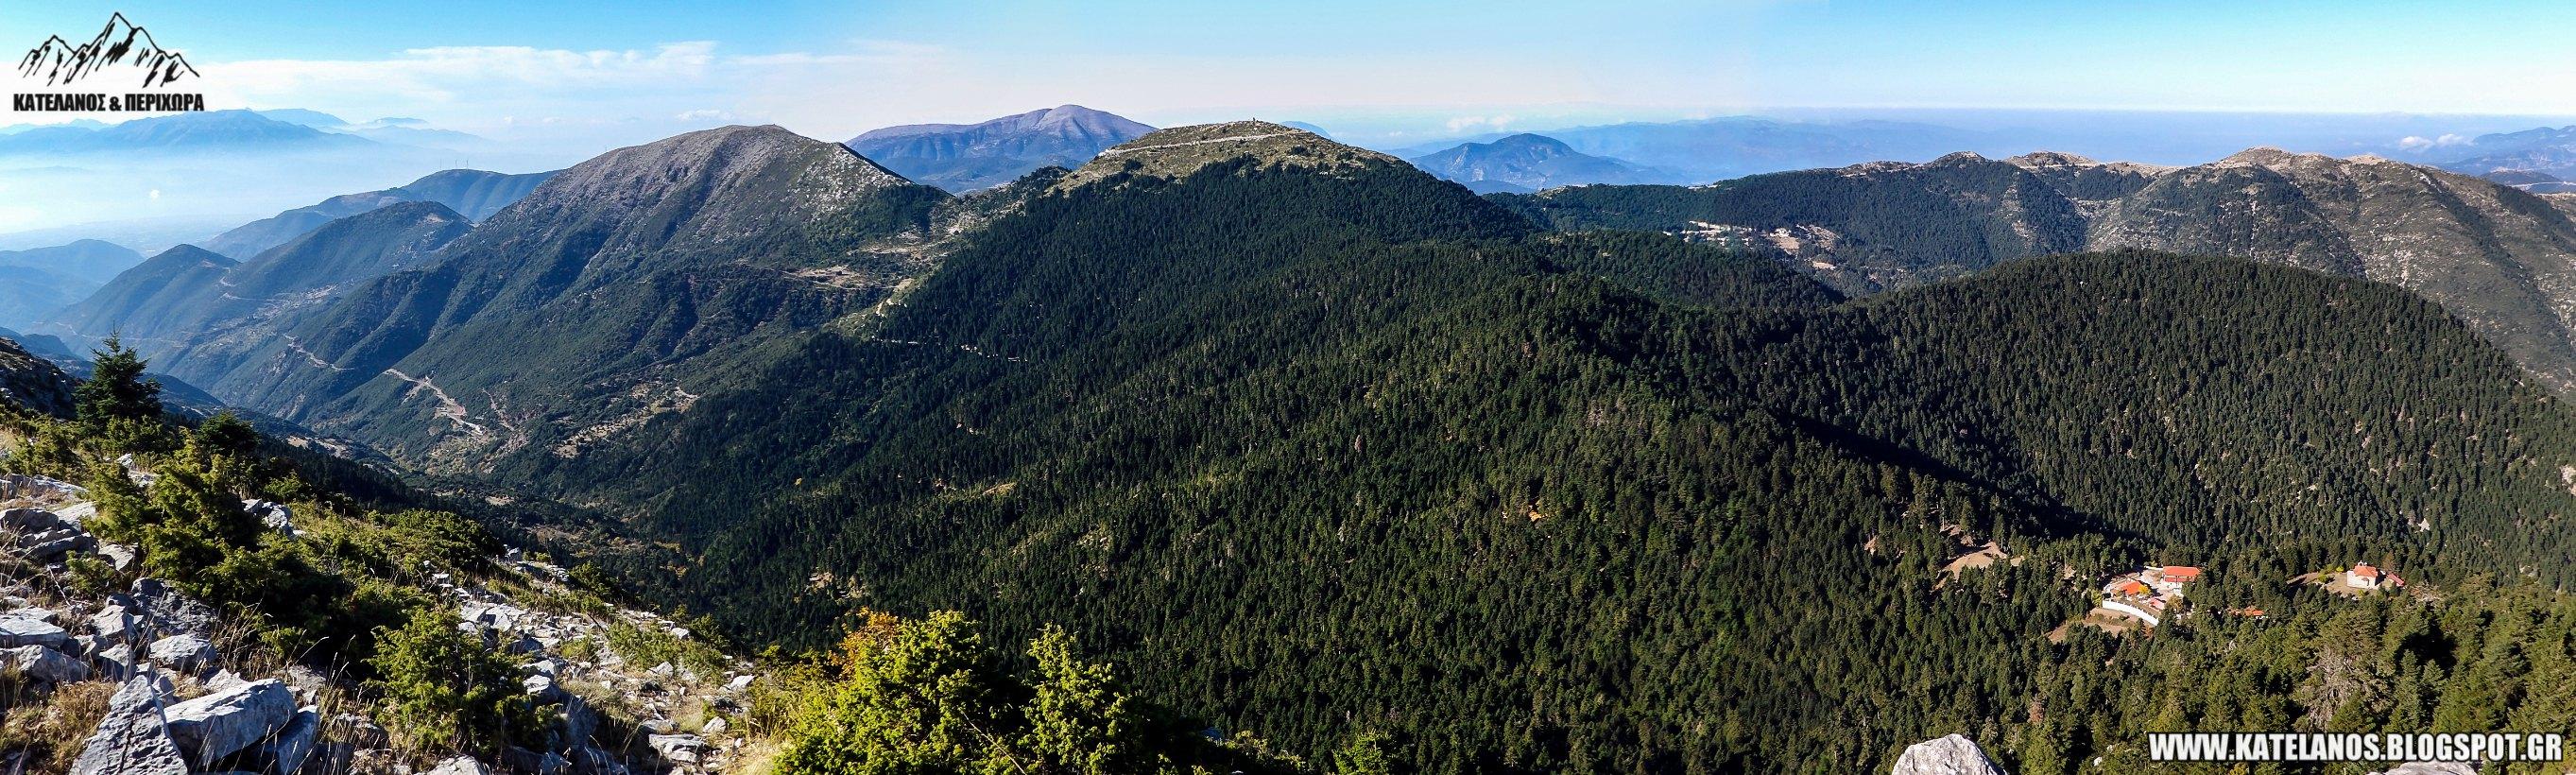 αγιος κωνσταντινος βελβιτσιάς ξηροβούνι μαλαθούνα ορεινή ναυπακτία